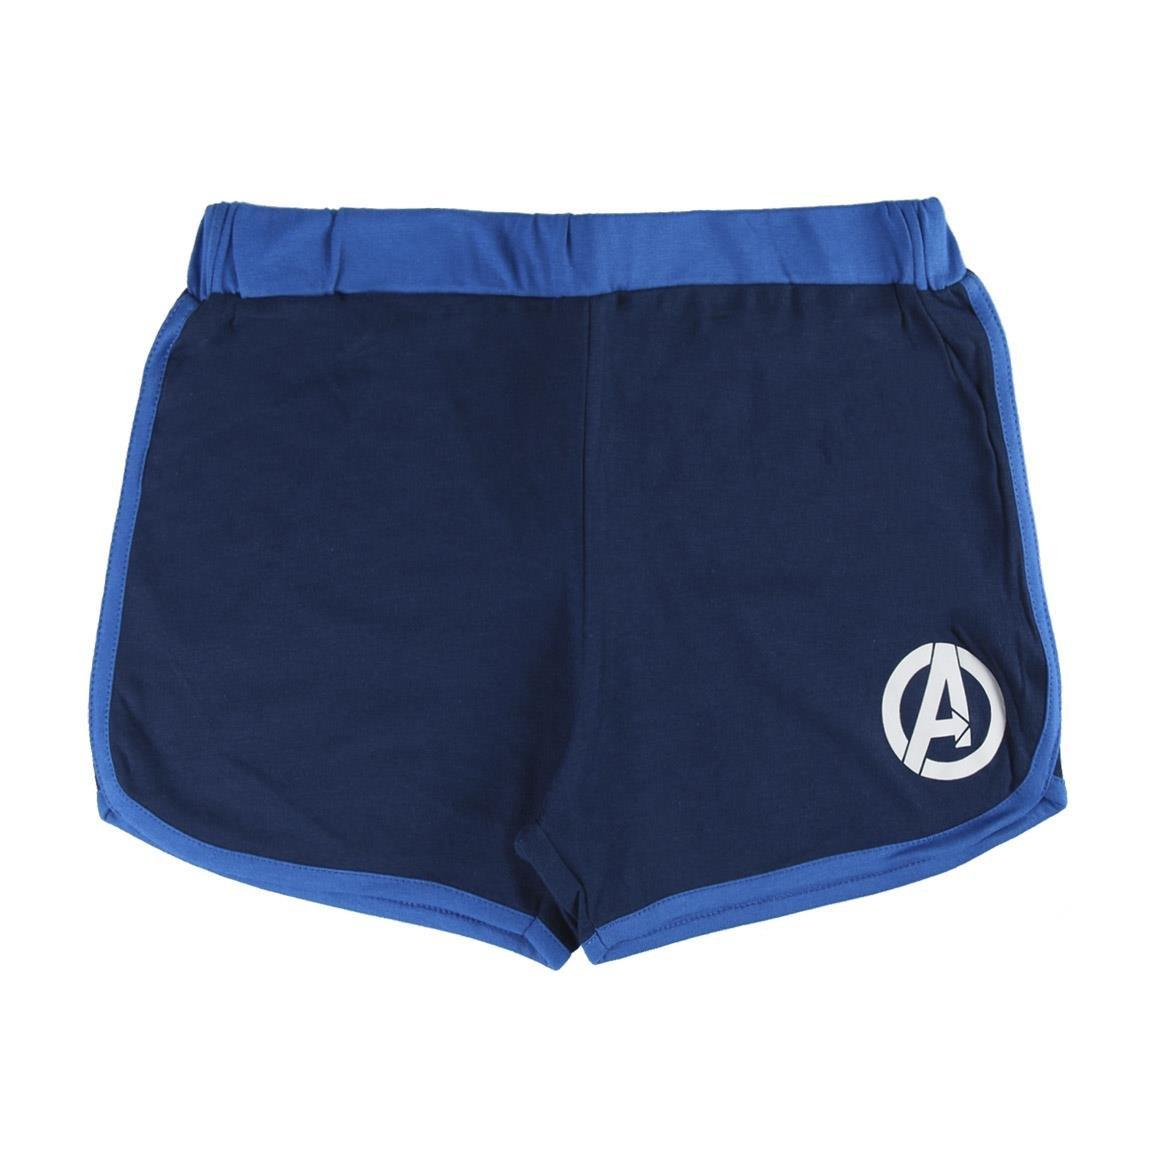 Avengers - Conjunto Pijama Manga Corta 2 piezas 100% algodón (5 años): Amazon.es: Ropa y accesorios